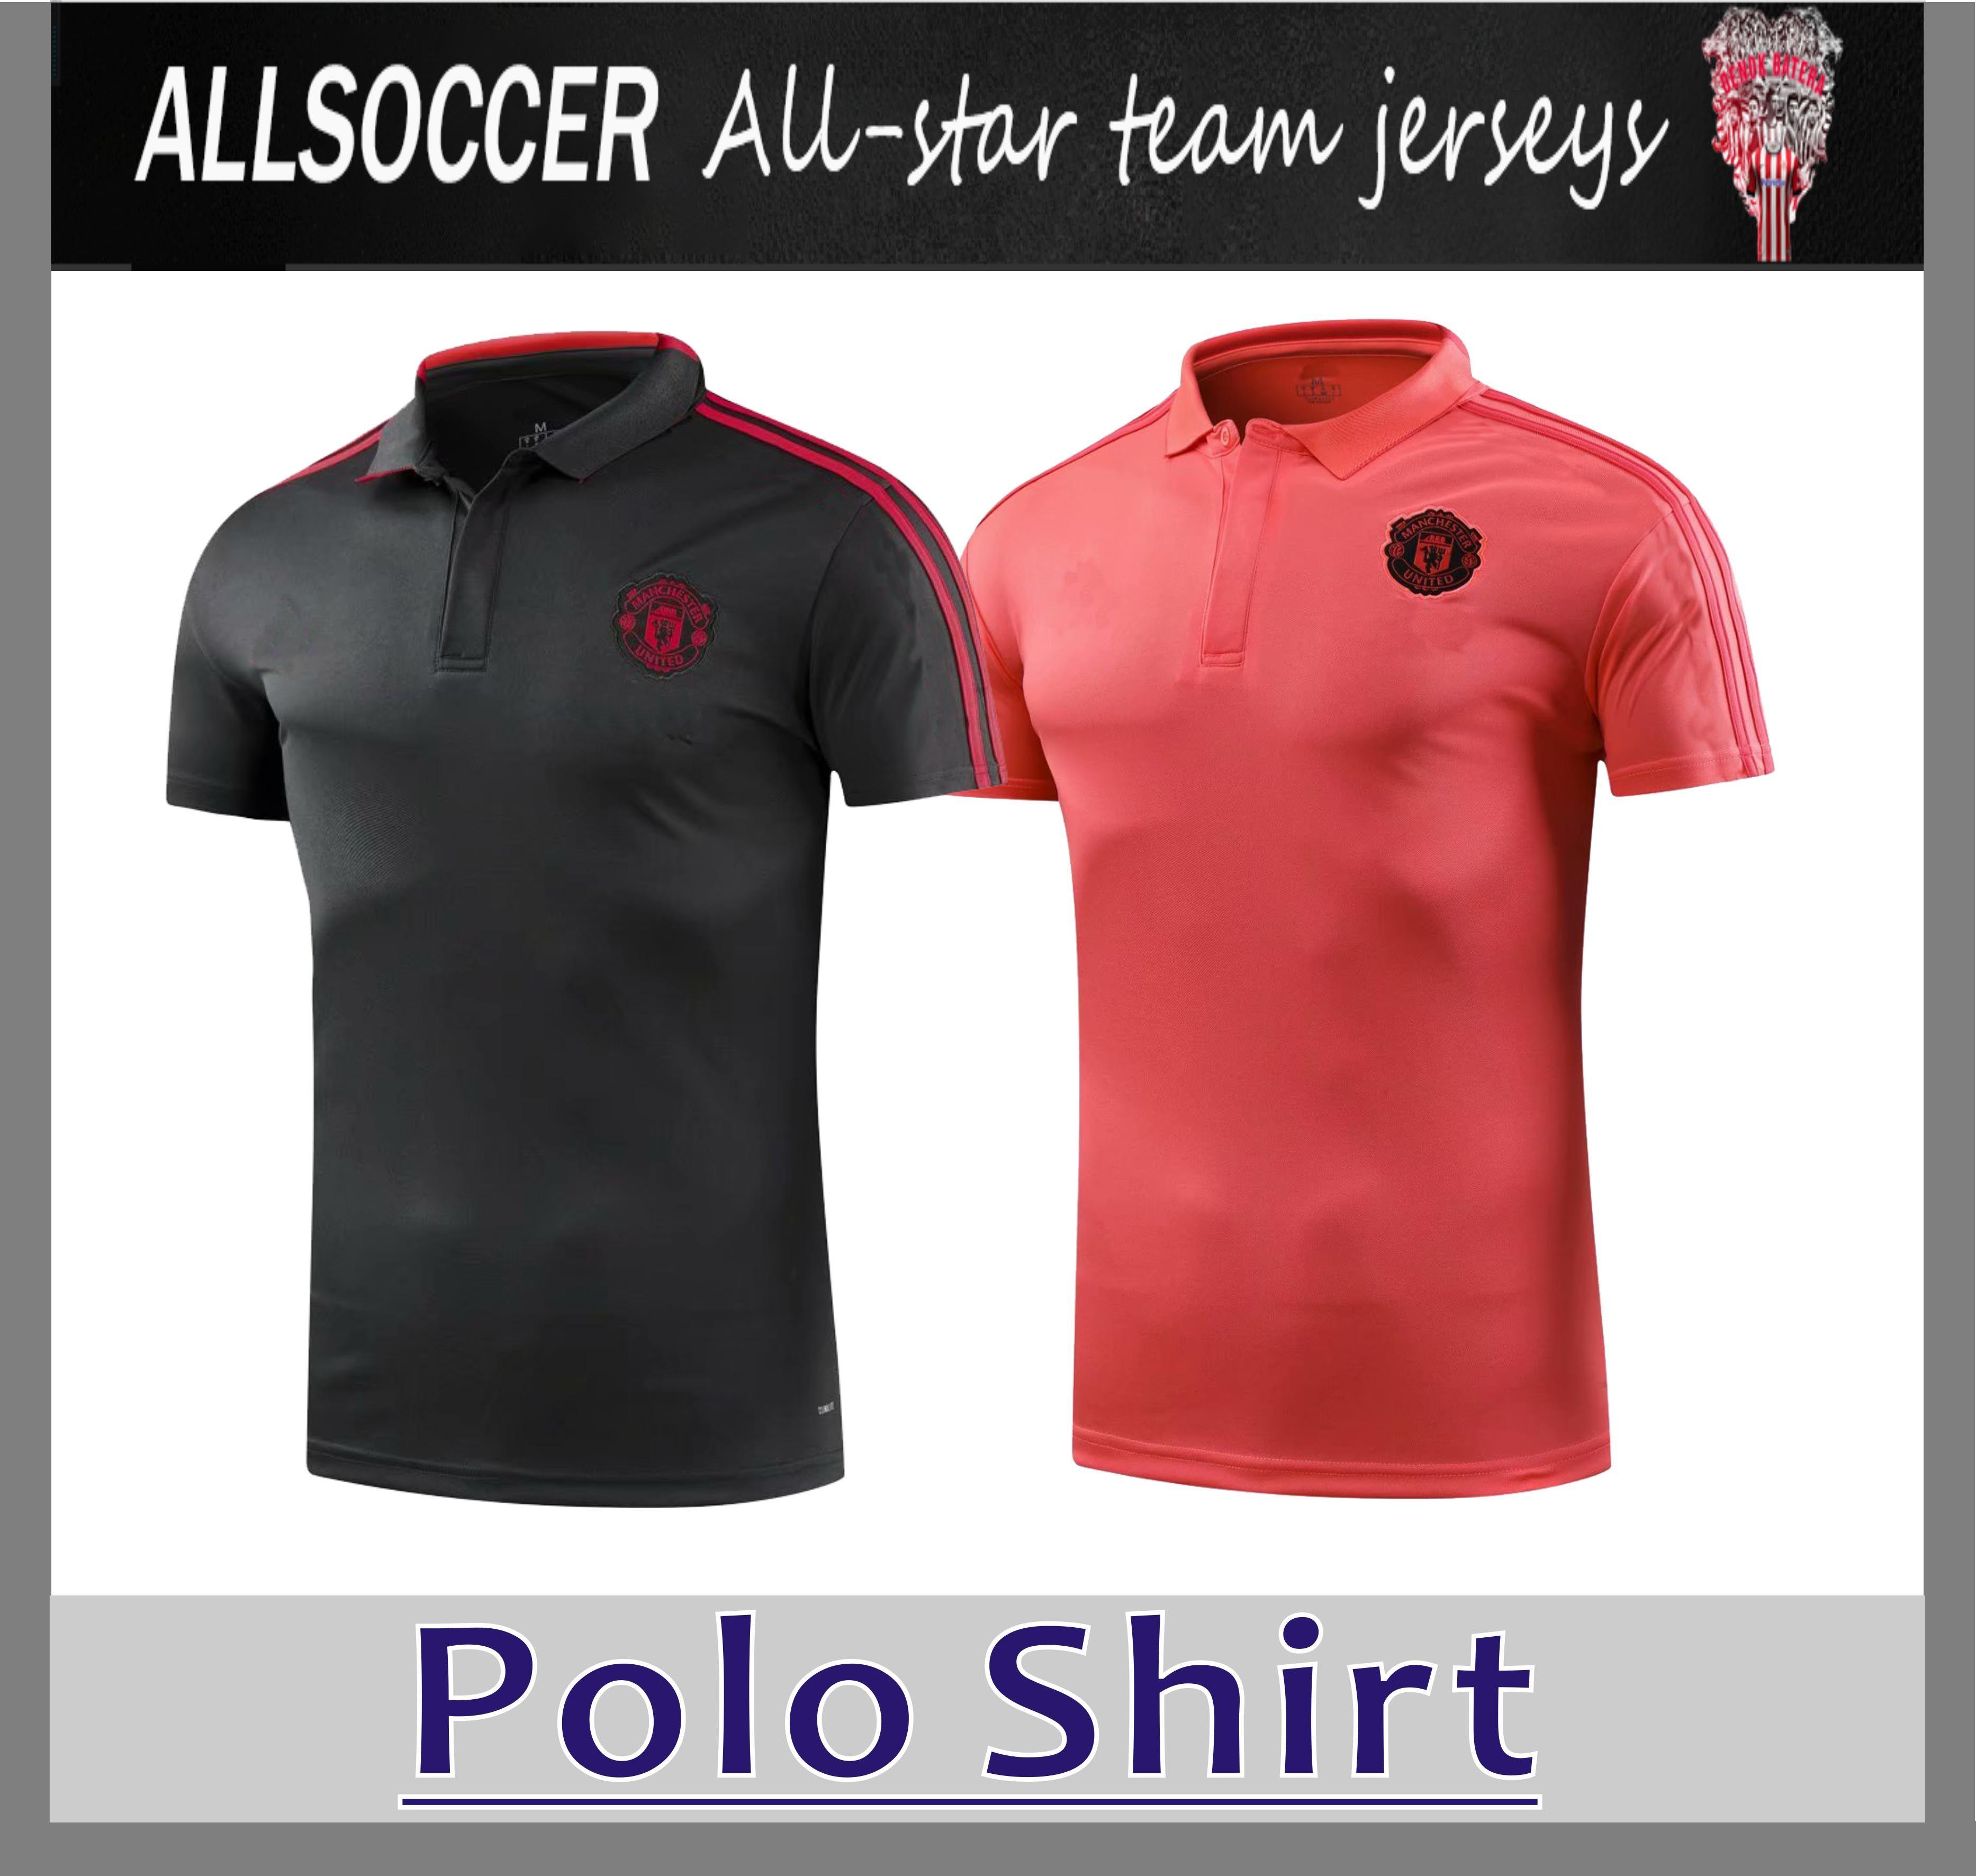 e26cc7454f39e Polo Man U 2019 Azul 18 19 POGBA Fútbol Polo Uniformes De Fútbol Camiseta  Deportiva A La Venta Por Allsoccer